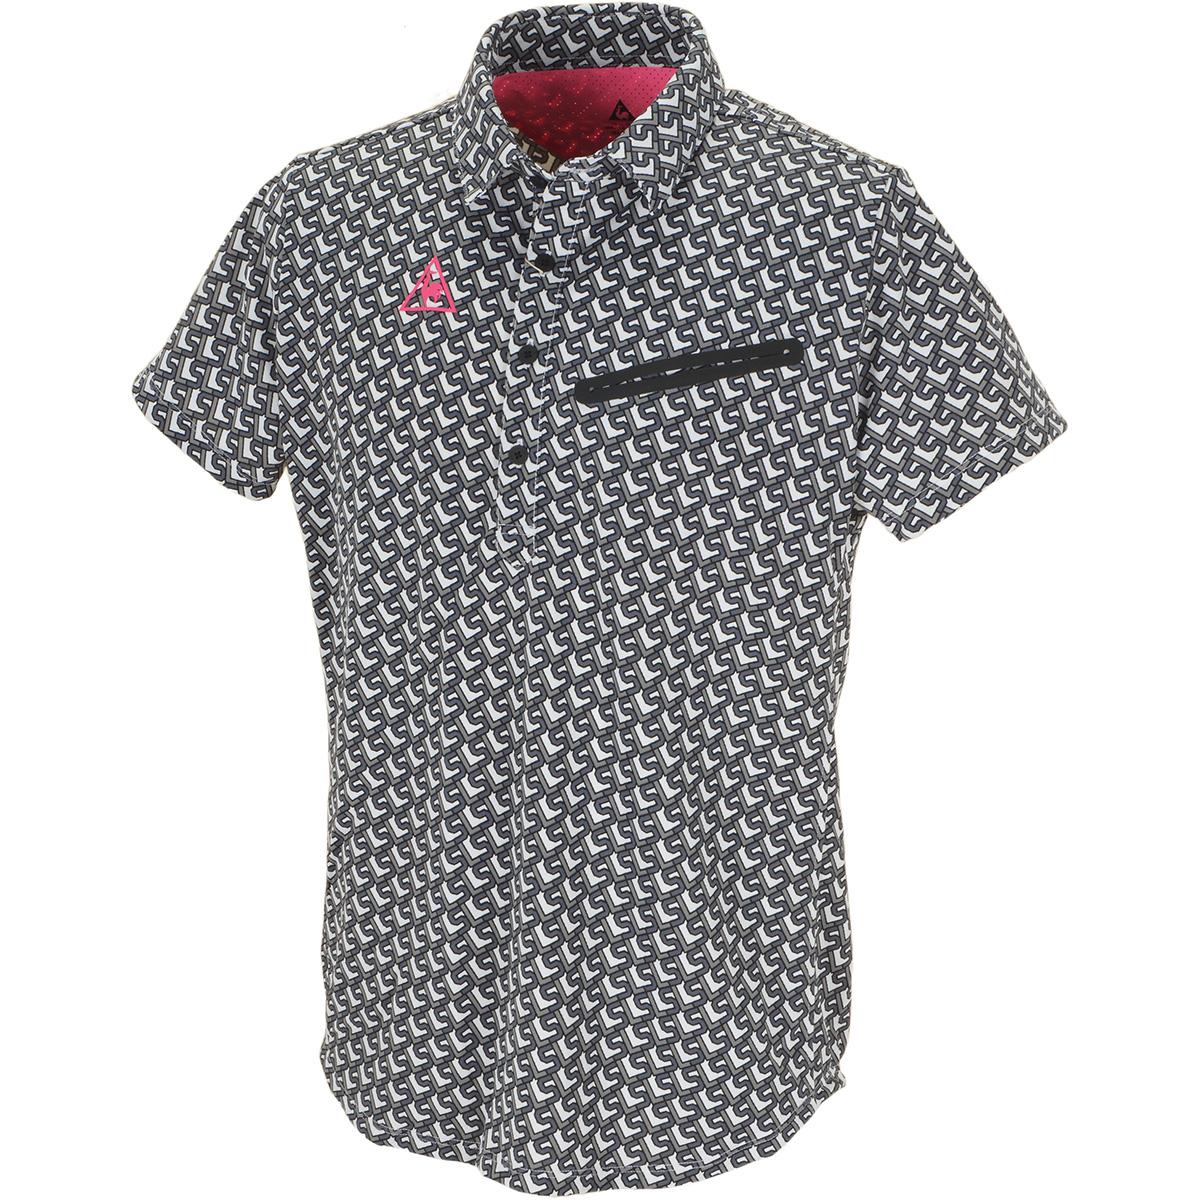 ボックスロゴプリント半袖ポロシャツ